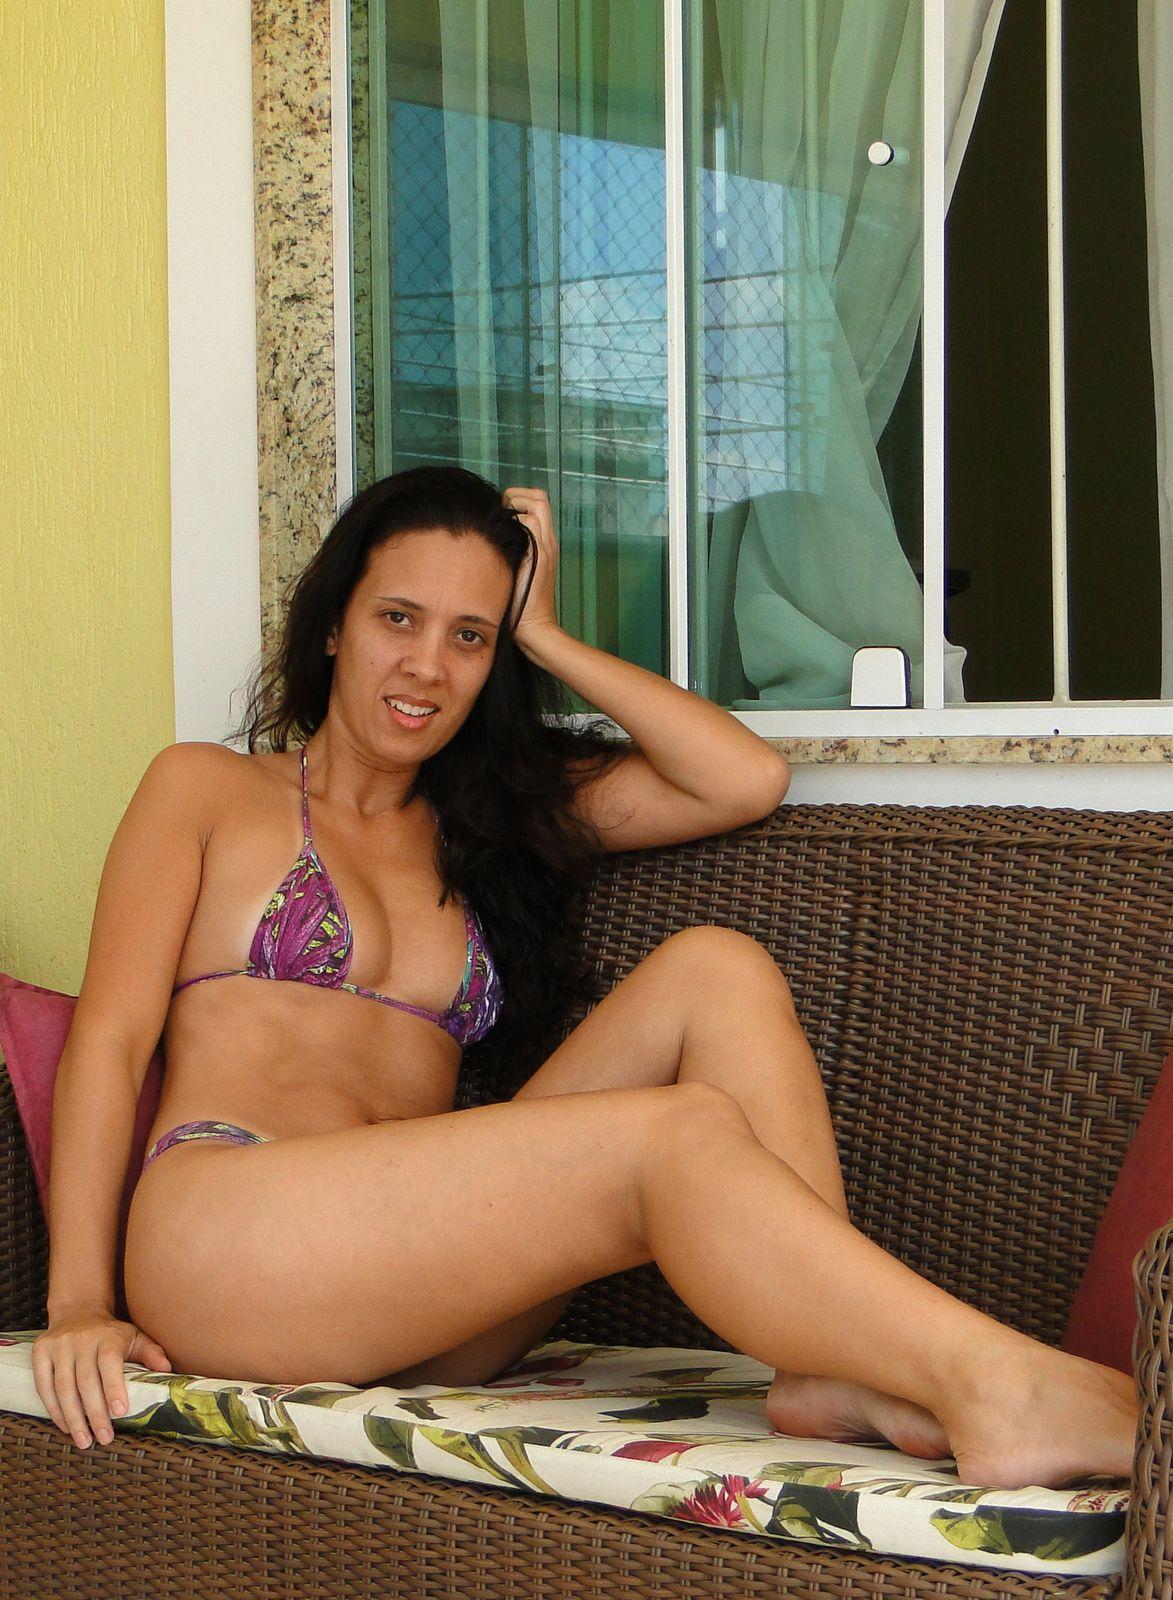 Смотреть Возбуждающие бразильянки онлайн